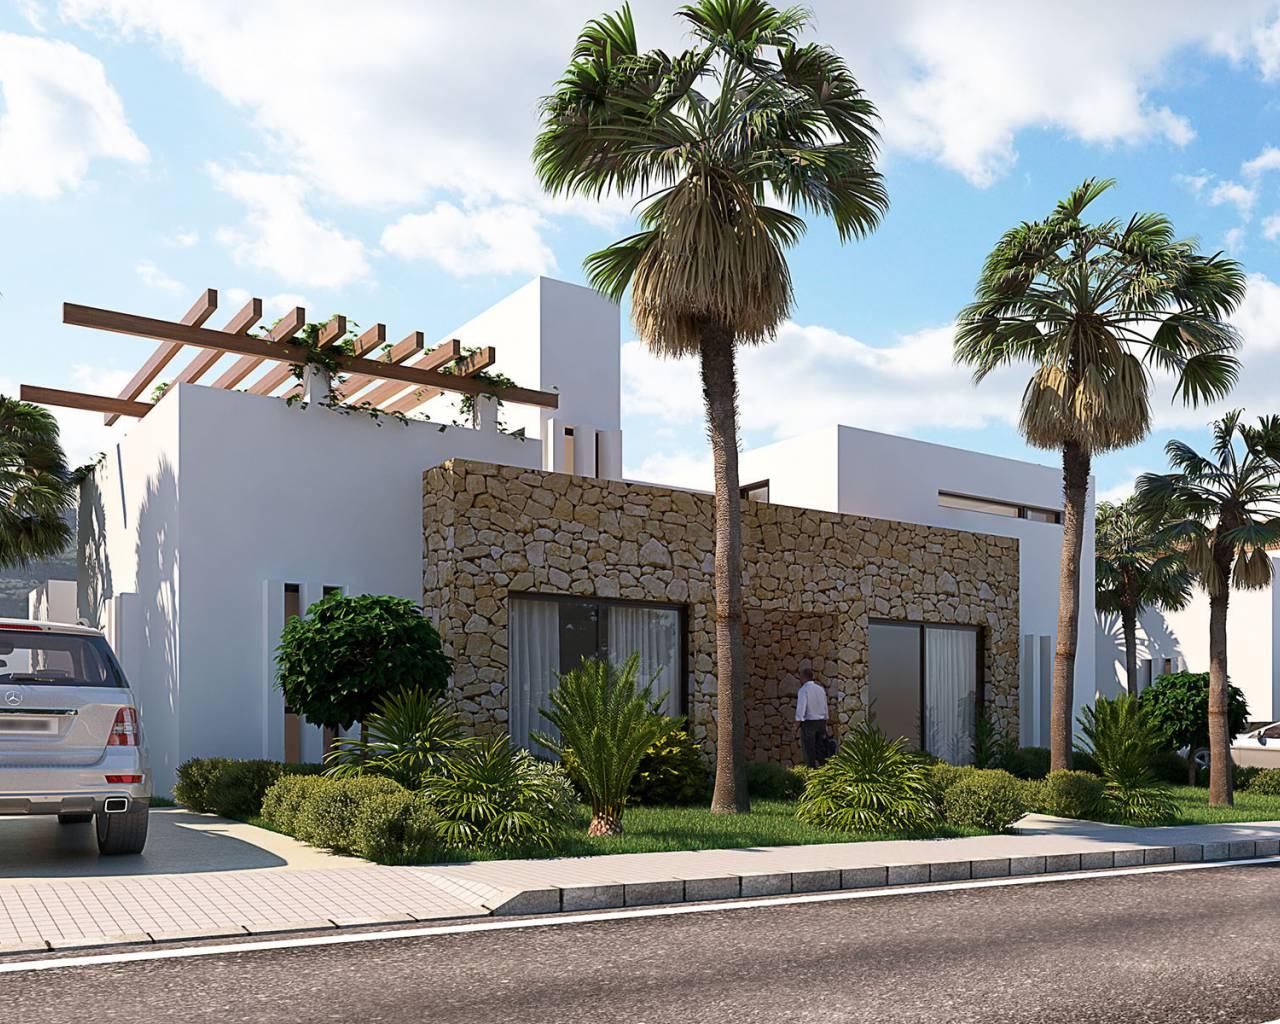 nieuwbouw-half-vrijstaande-villa-montforte-del-cid-font-del-llop_3177_xl